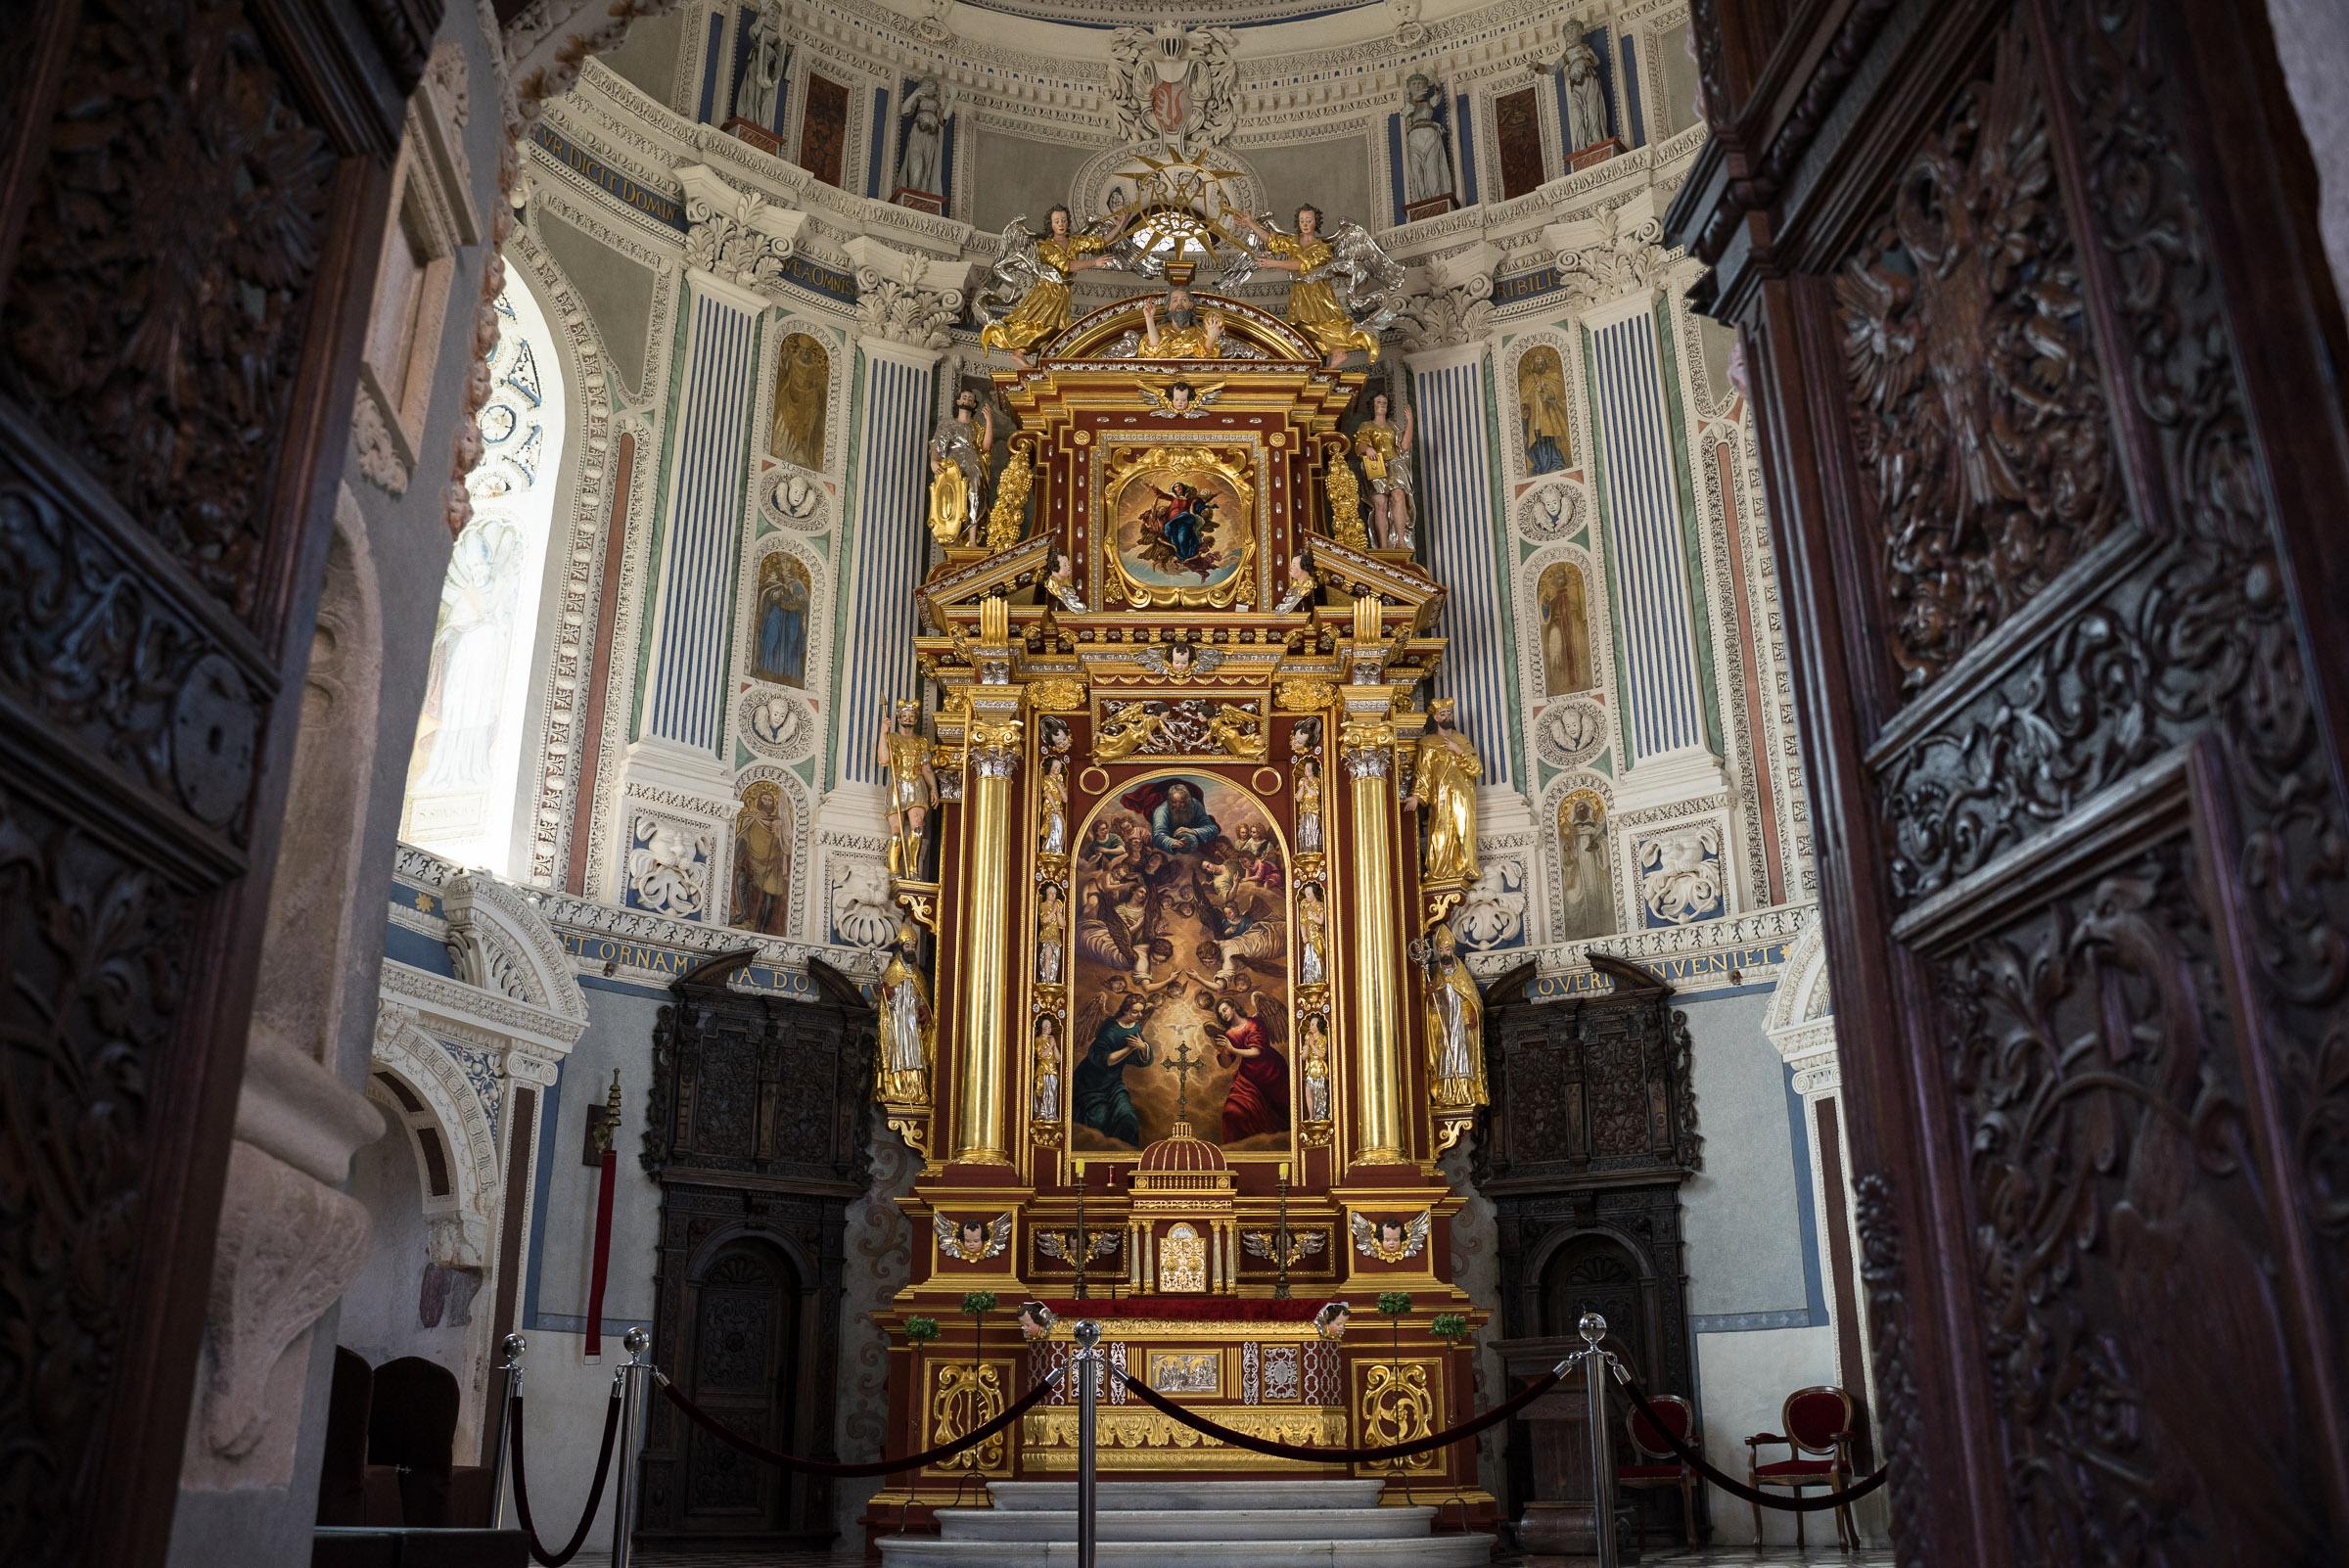 Kaplica zamkowa w Krasiczynie